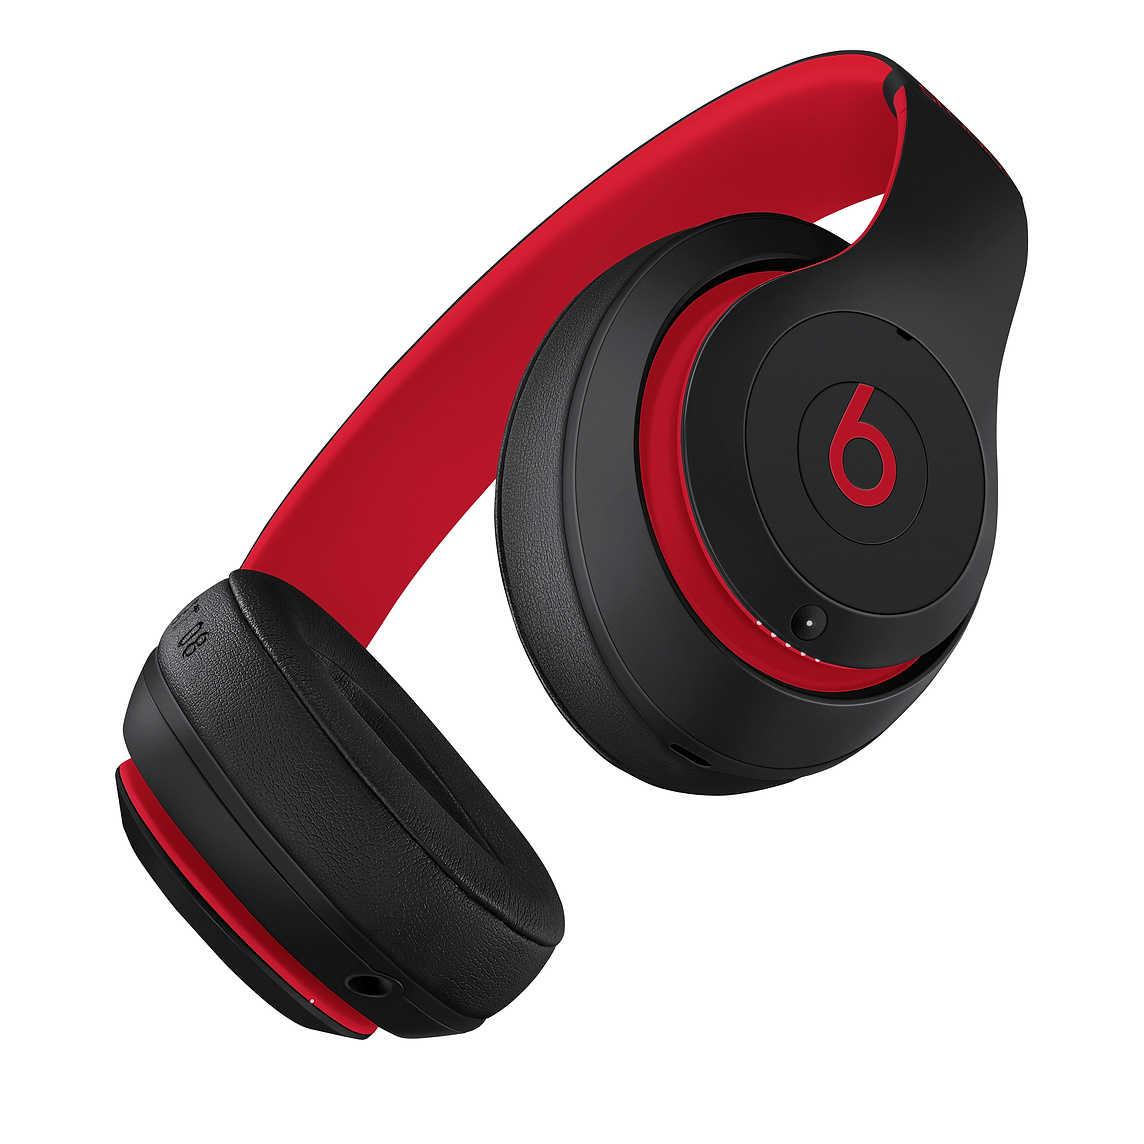 【Beats】Studio3 Wireless 十週年桀驁黑紅色 無線藍芽降噪 頭戴式耳機 ★免運★